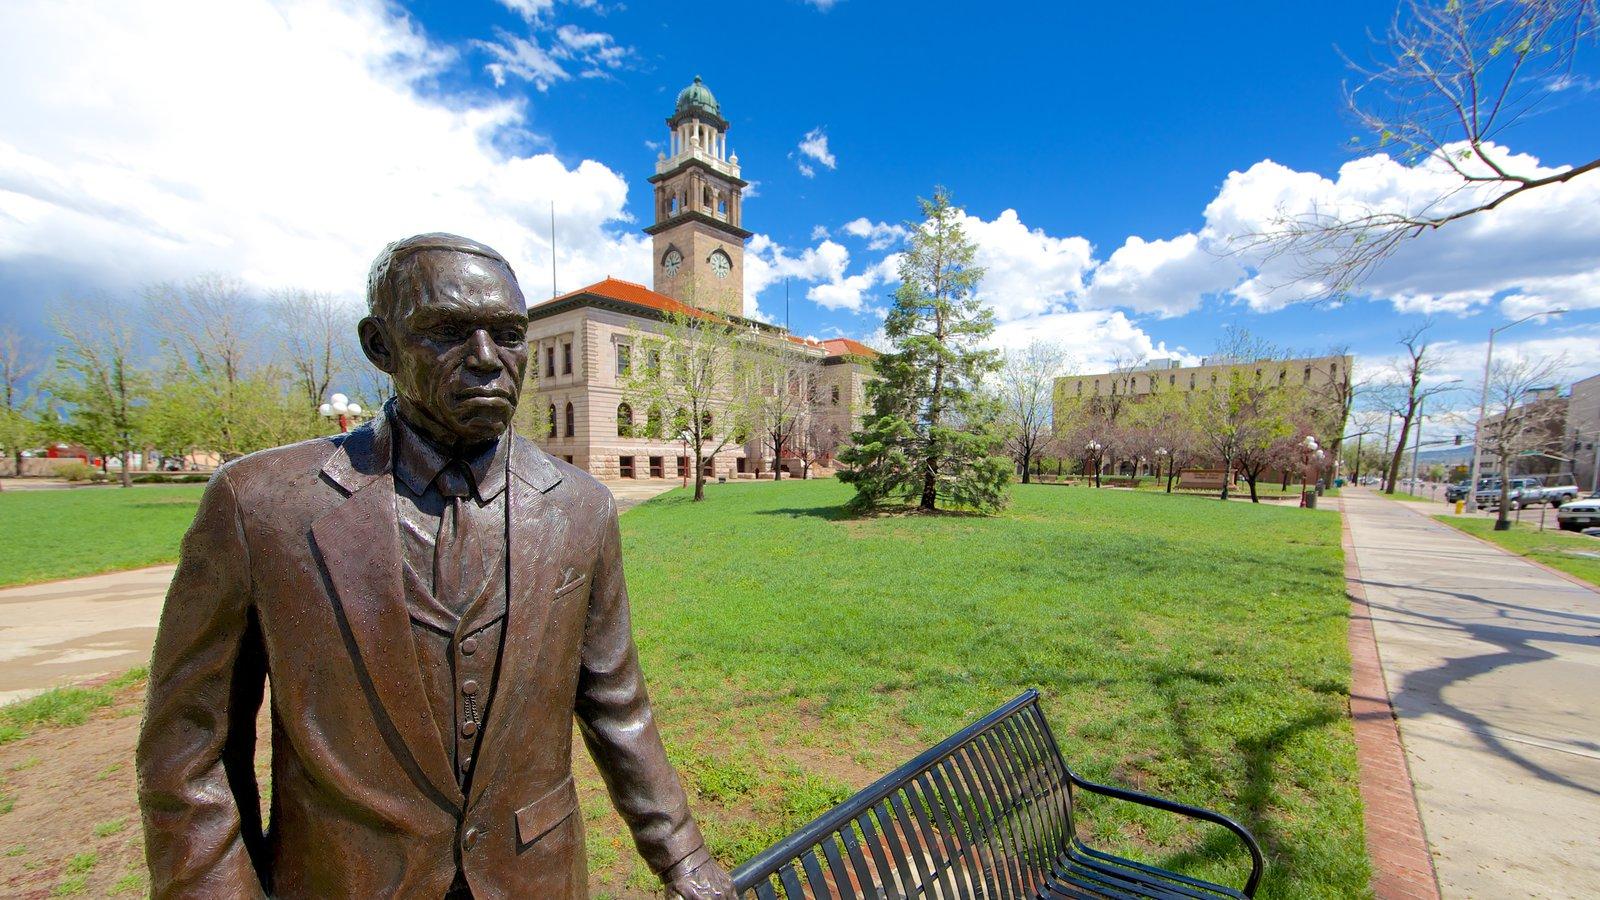 Fotos de Edificios históricos: Ver imágenes de Colorado